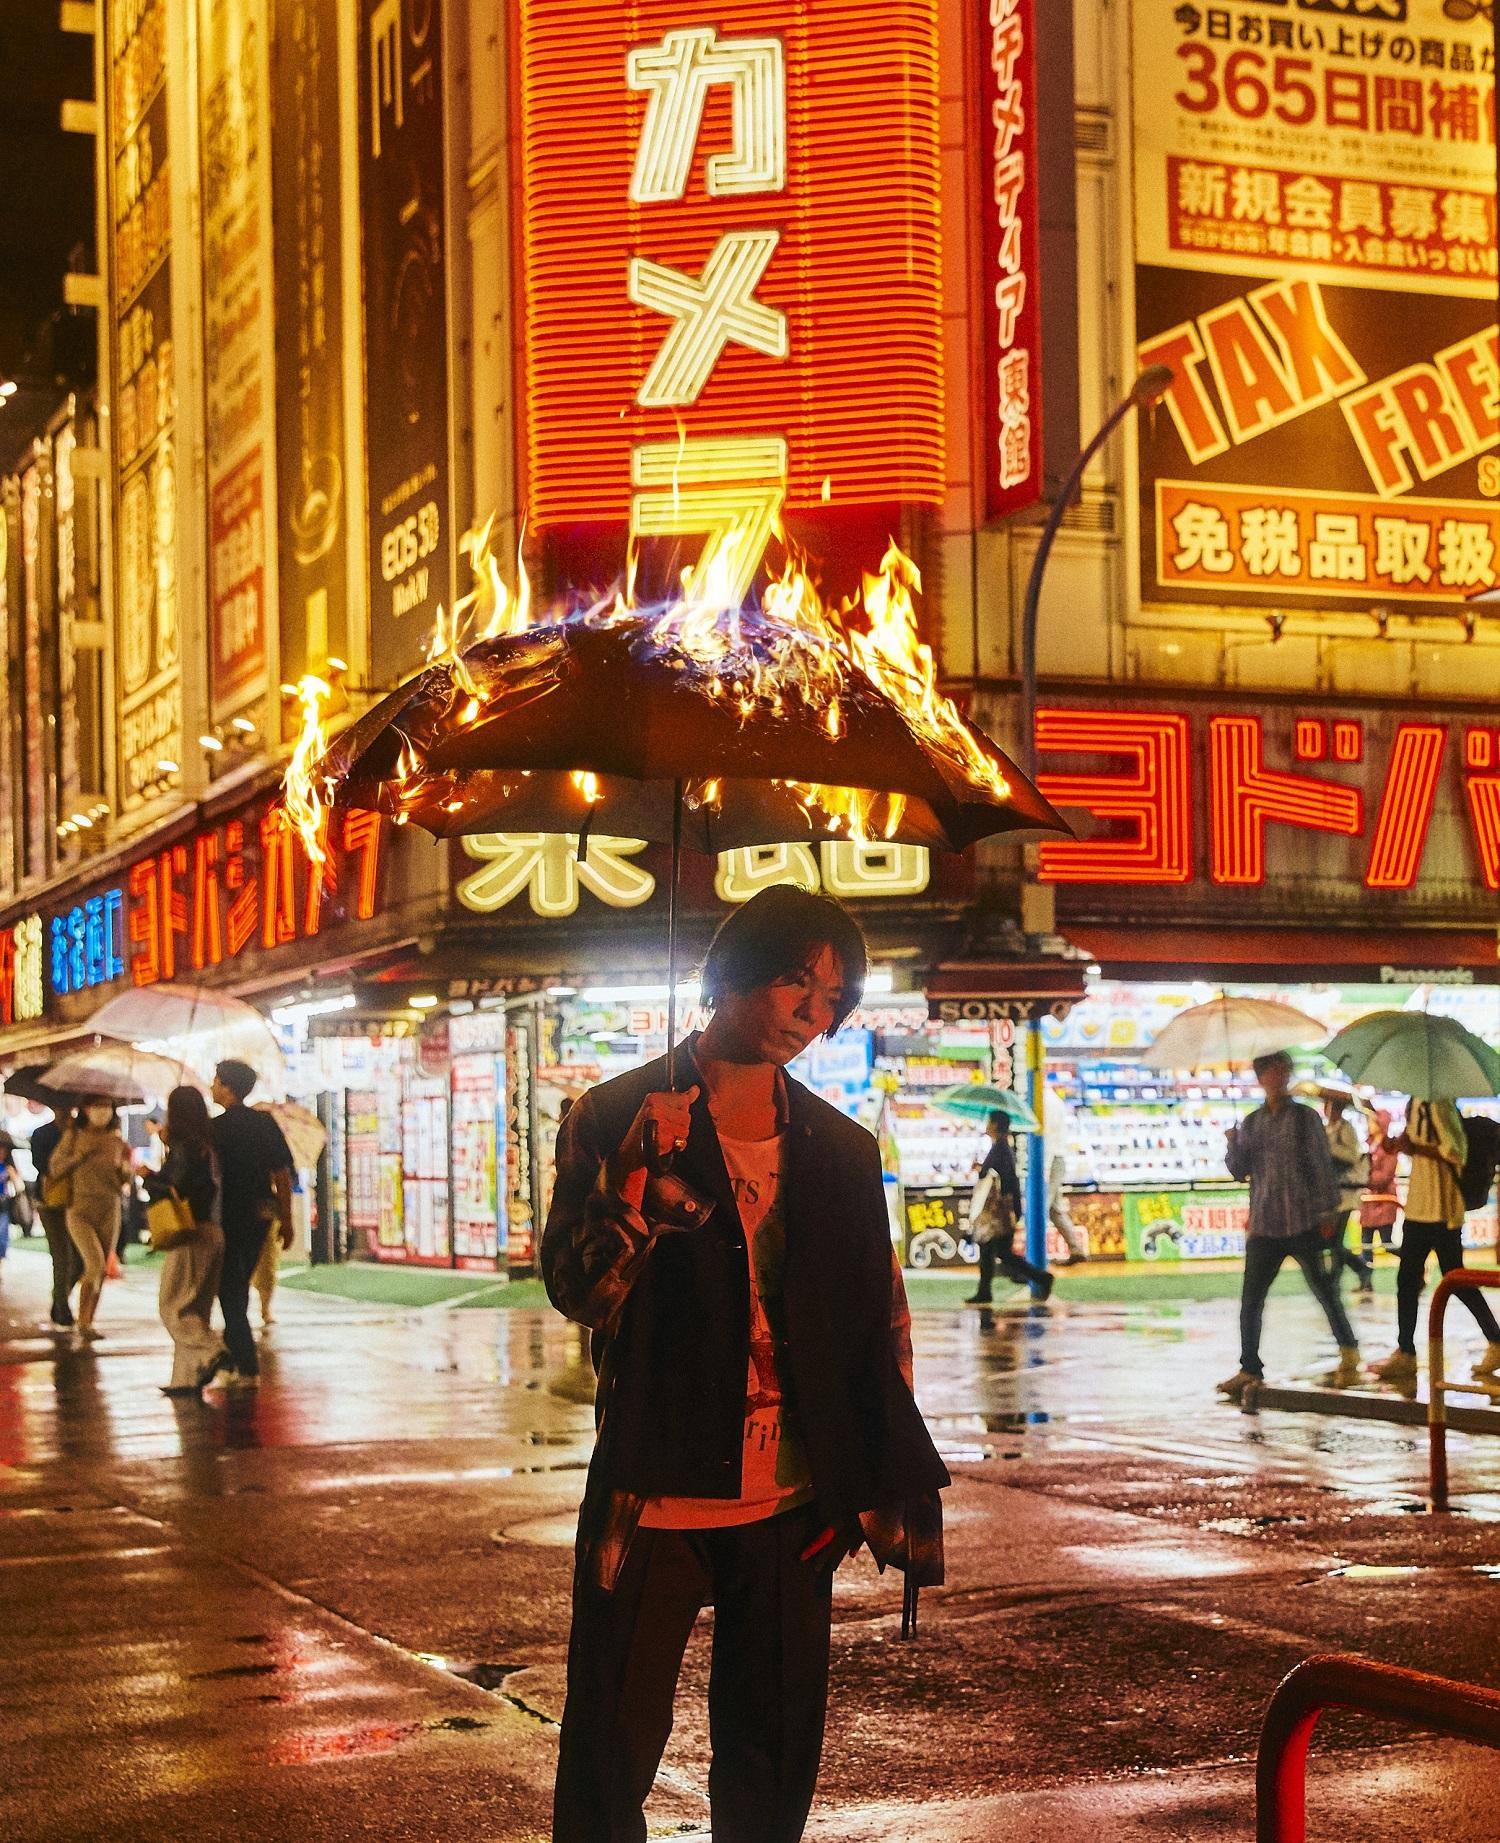 神山羊、シングル『群青』でメジャーデビュー! テーマは「踊れるギターサウンド」